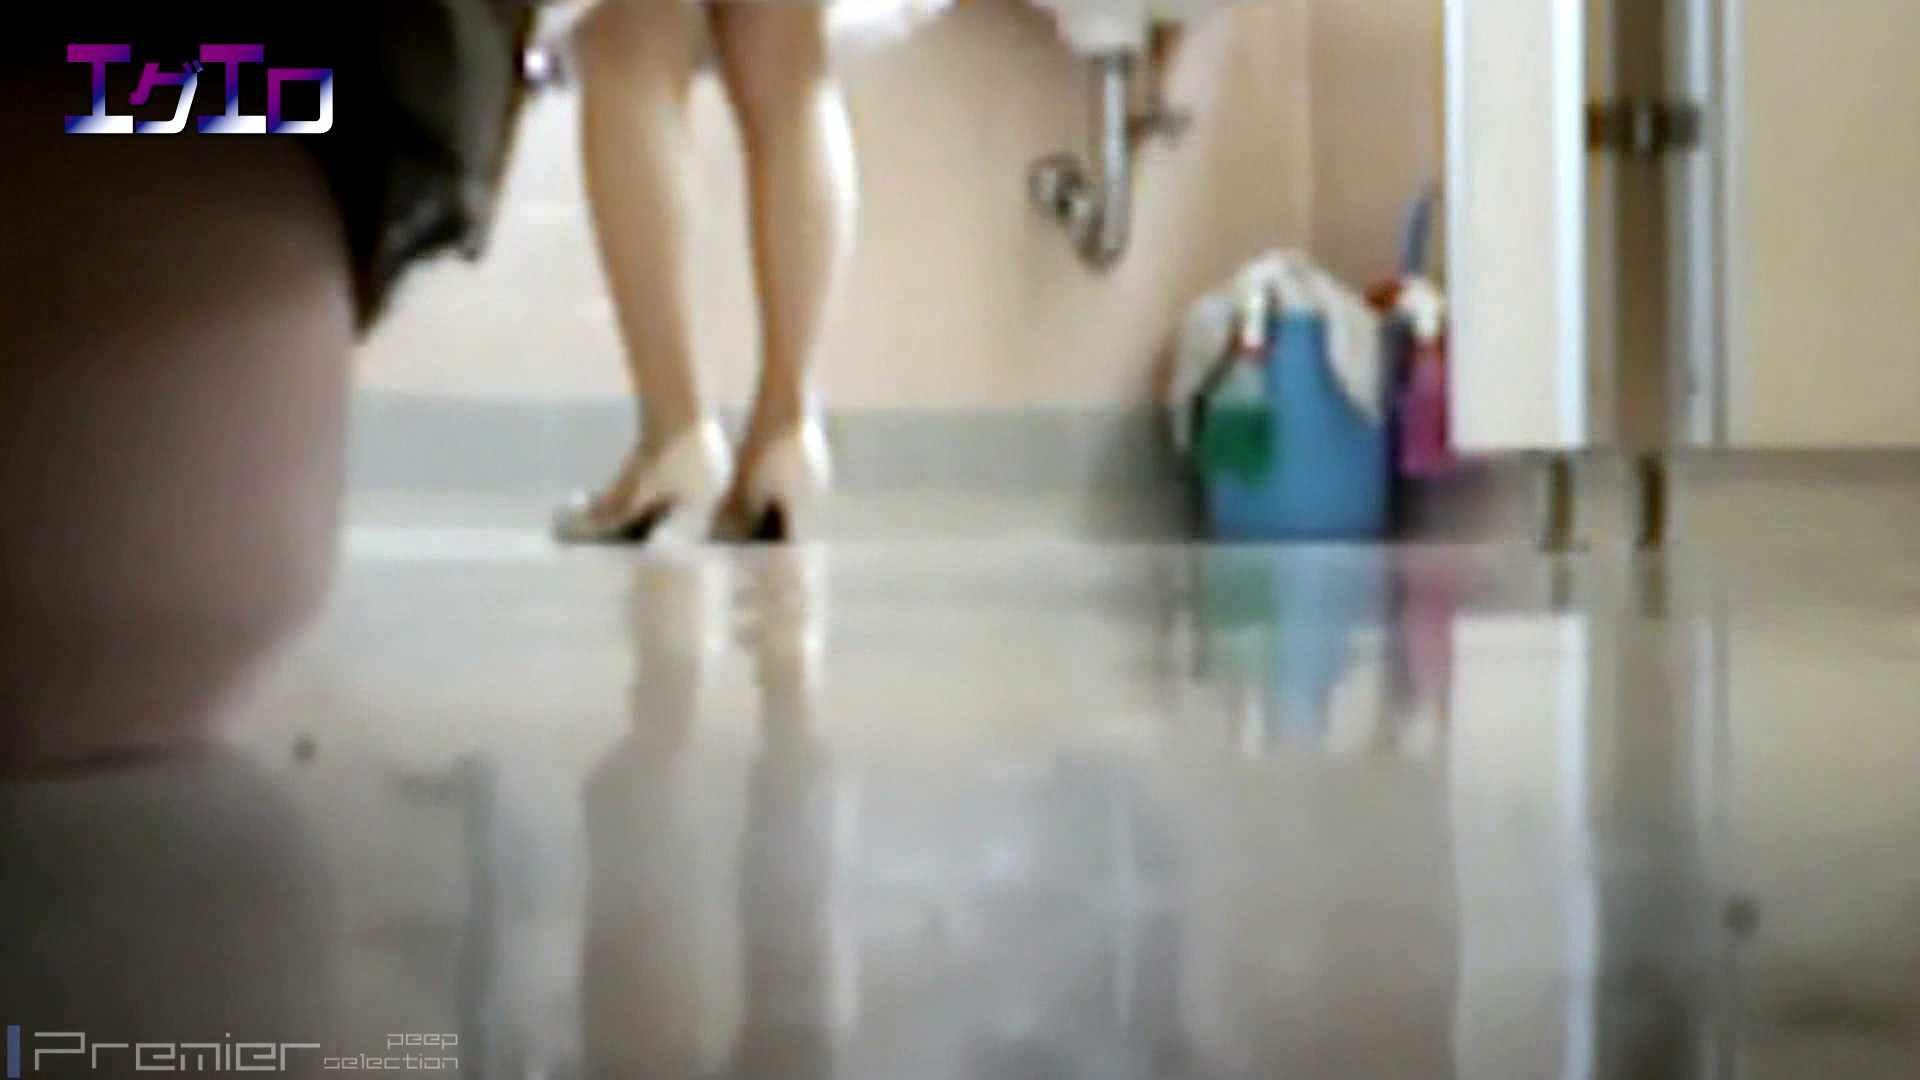 至近距離洗面所 Vol.07 ニーハイソックスに狙いを定めて 洗面所のぞき AV無料動画キャプチャ 111枚 61